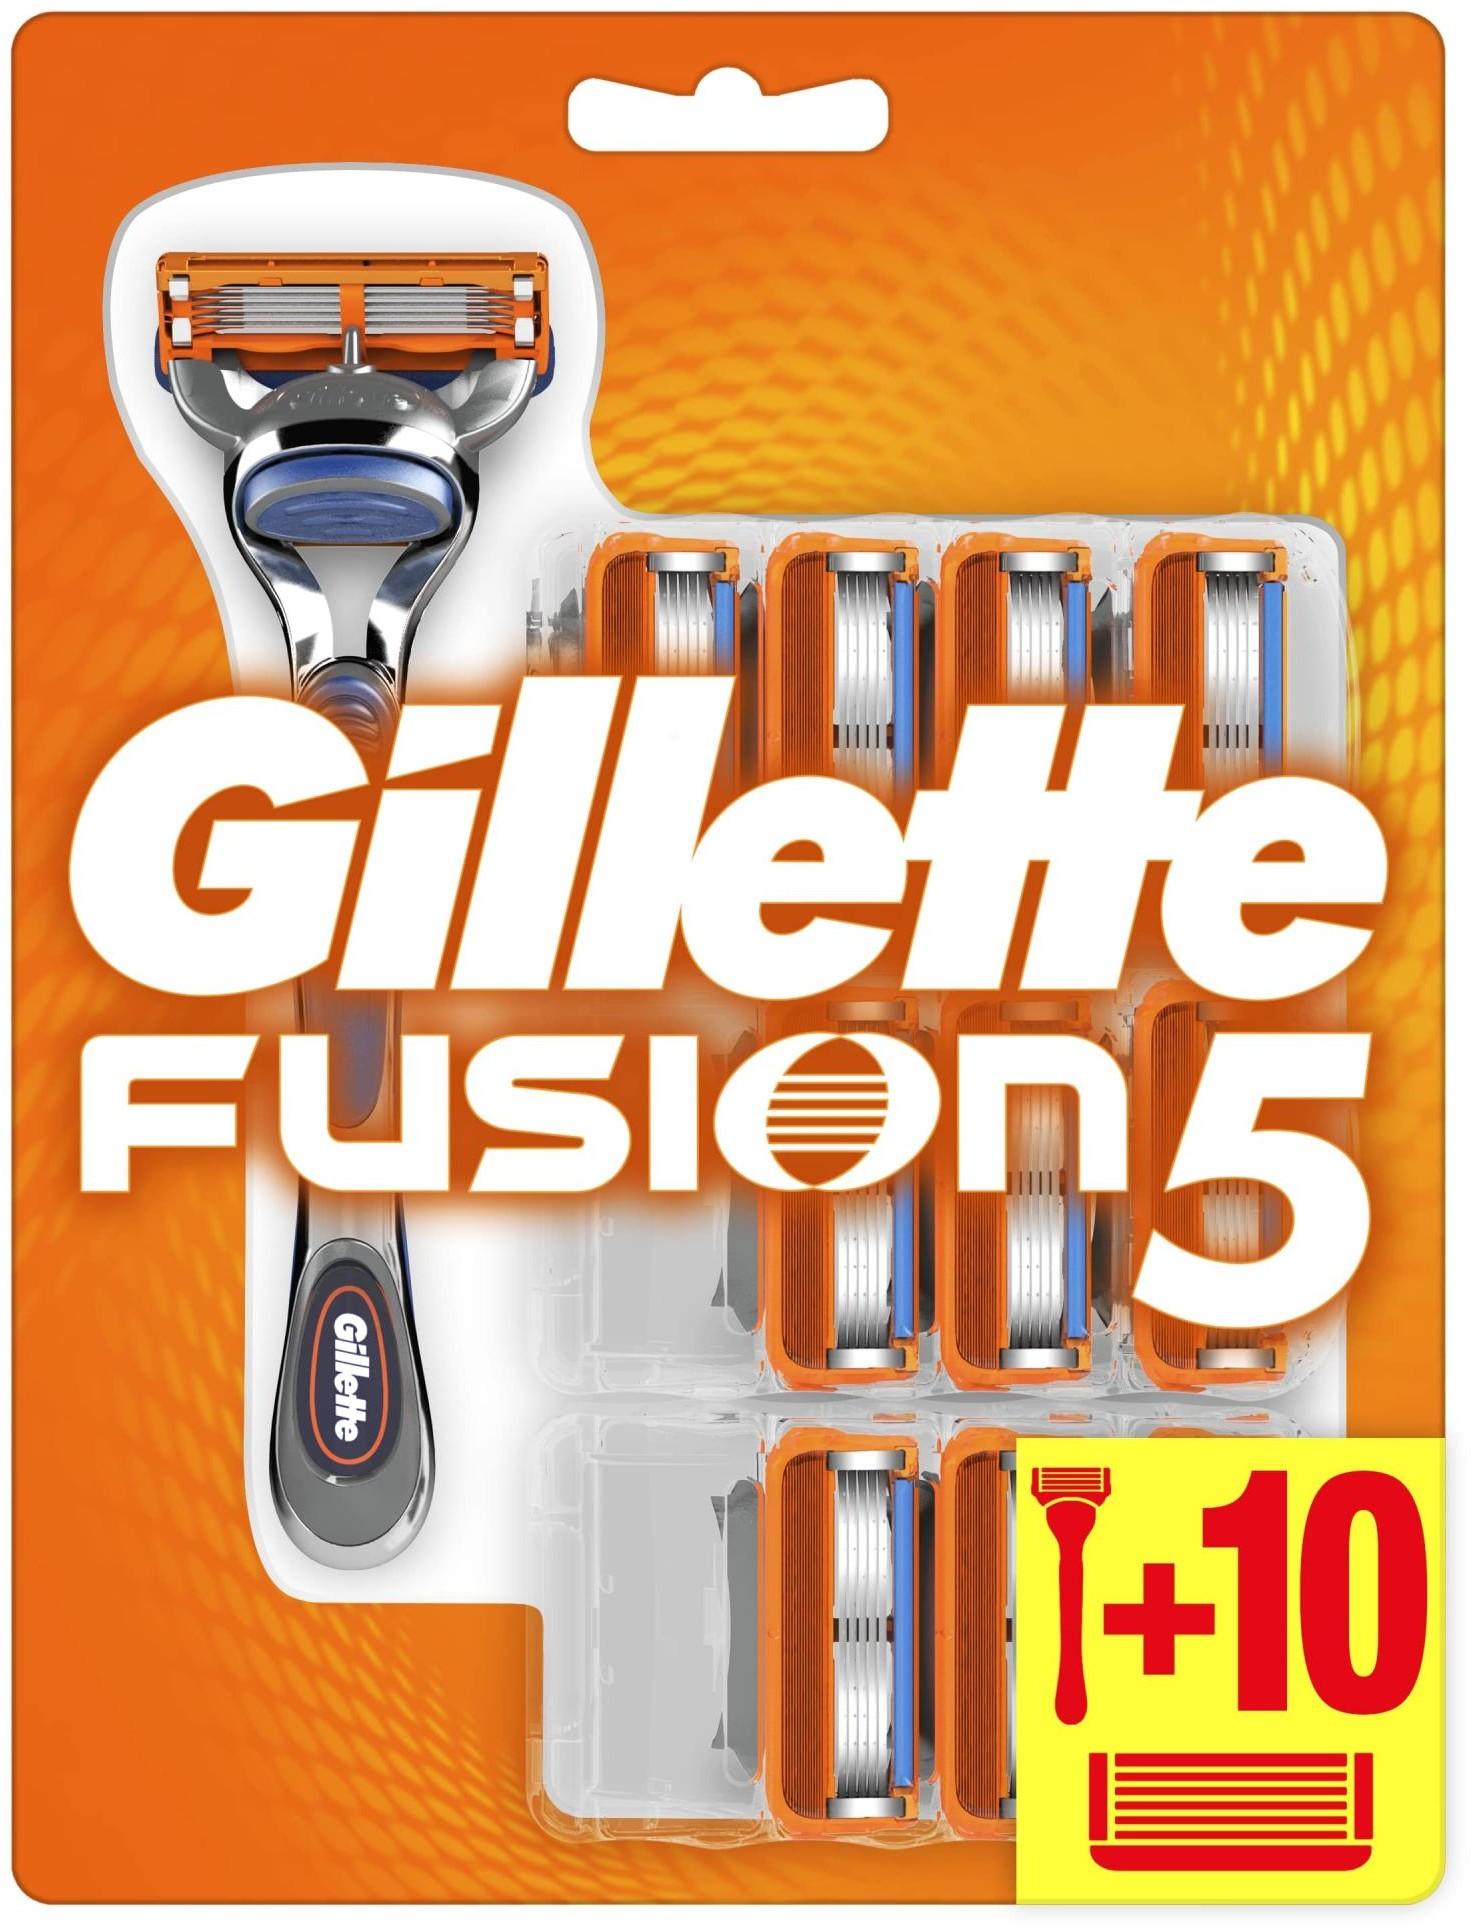 Gillette maszynka do golenia męska Fusion5 + 10 głowic